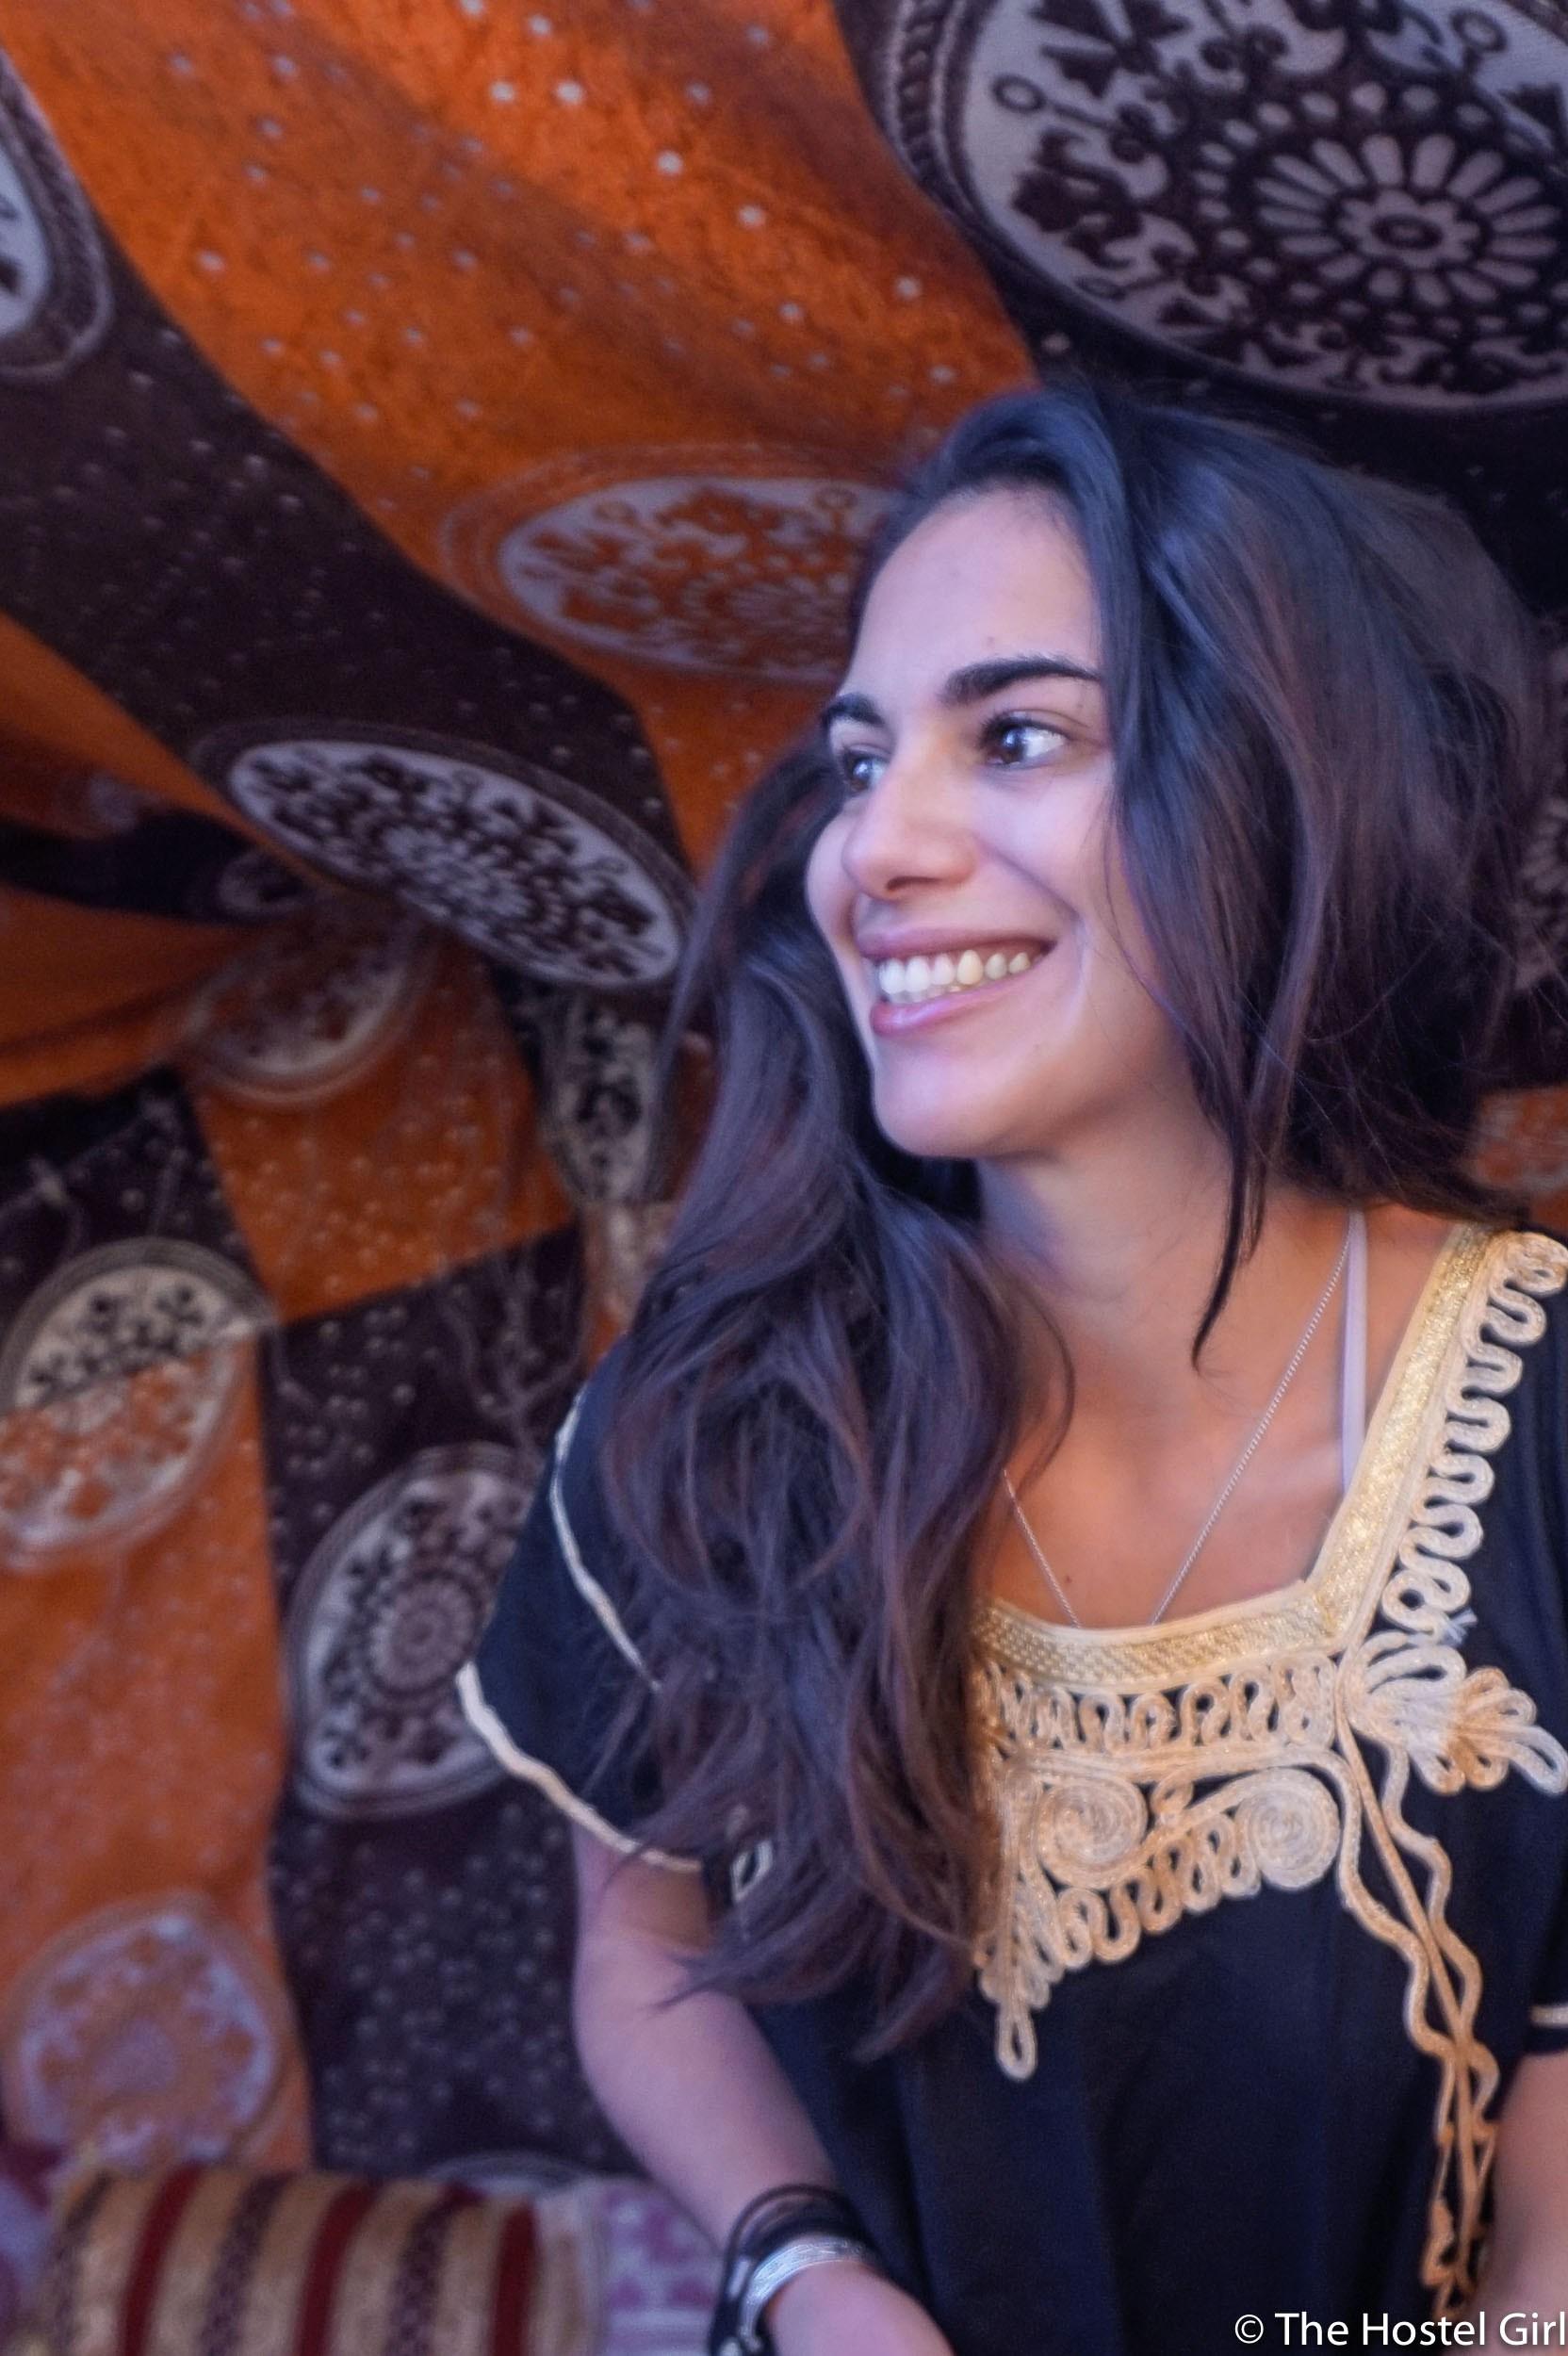 بالصور اجمل المغربيات , صور بنات المغرب 4979 16